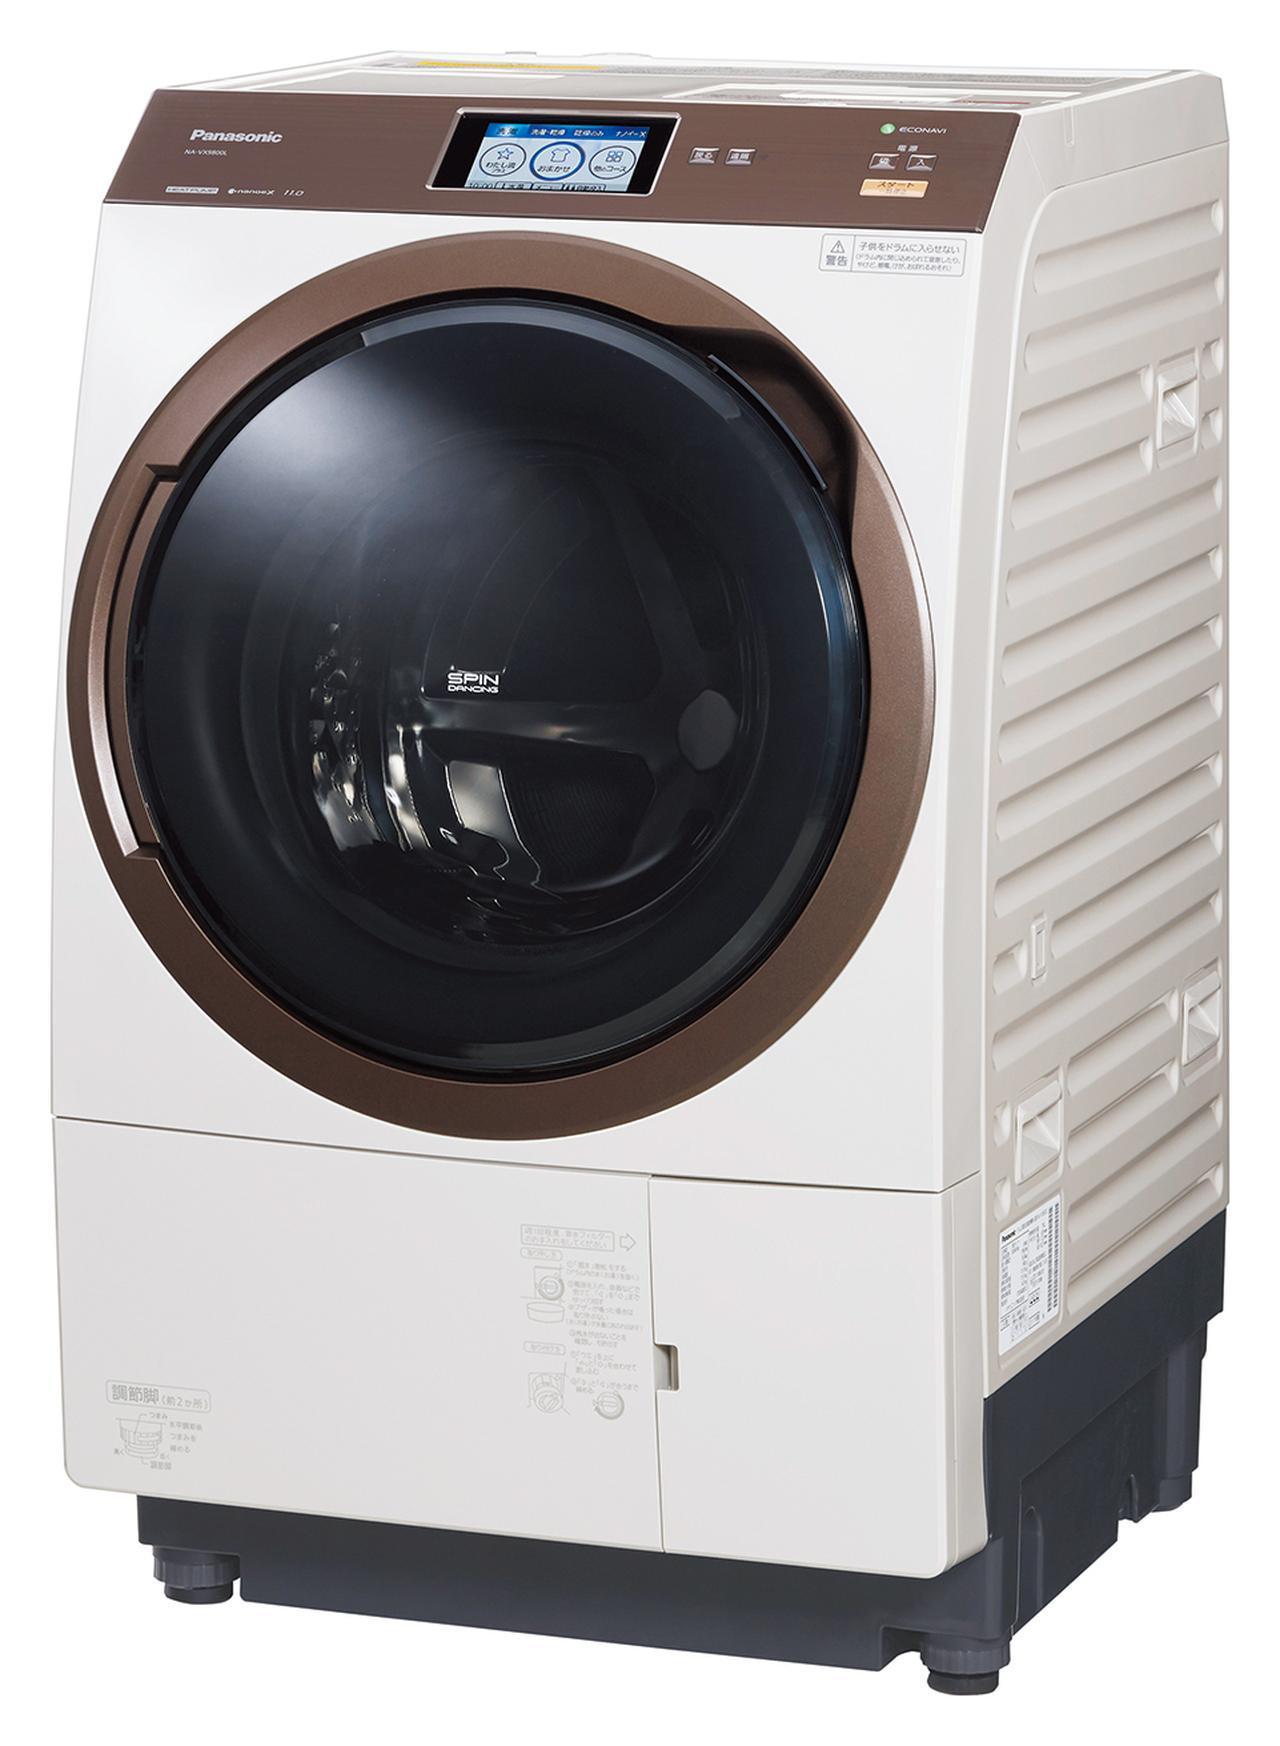 画像1: 今、洗濯乾燥機はスクエアデザインにシフト。泡洗浄や温水洗浄もトレンド